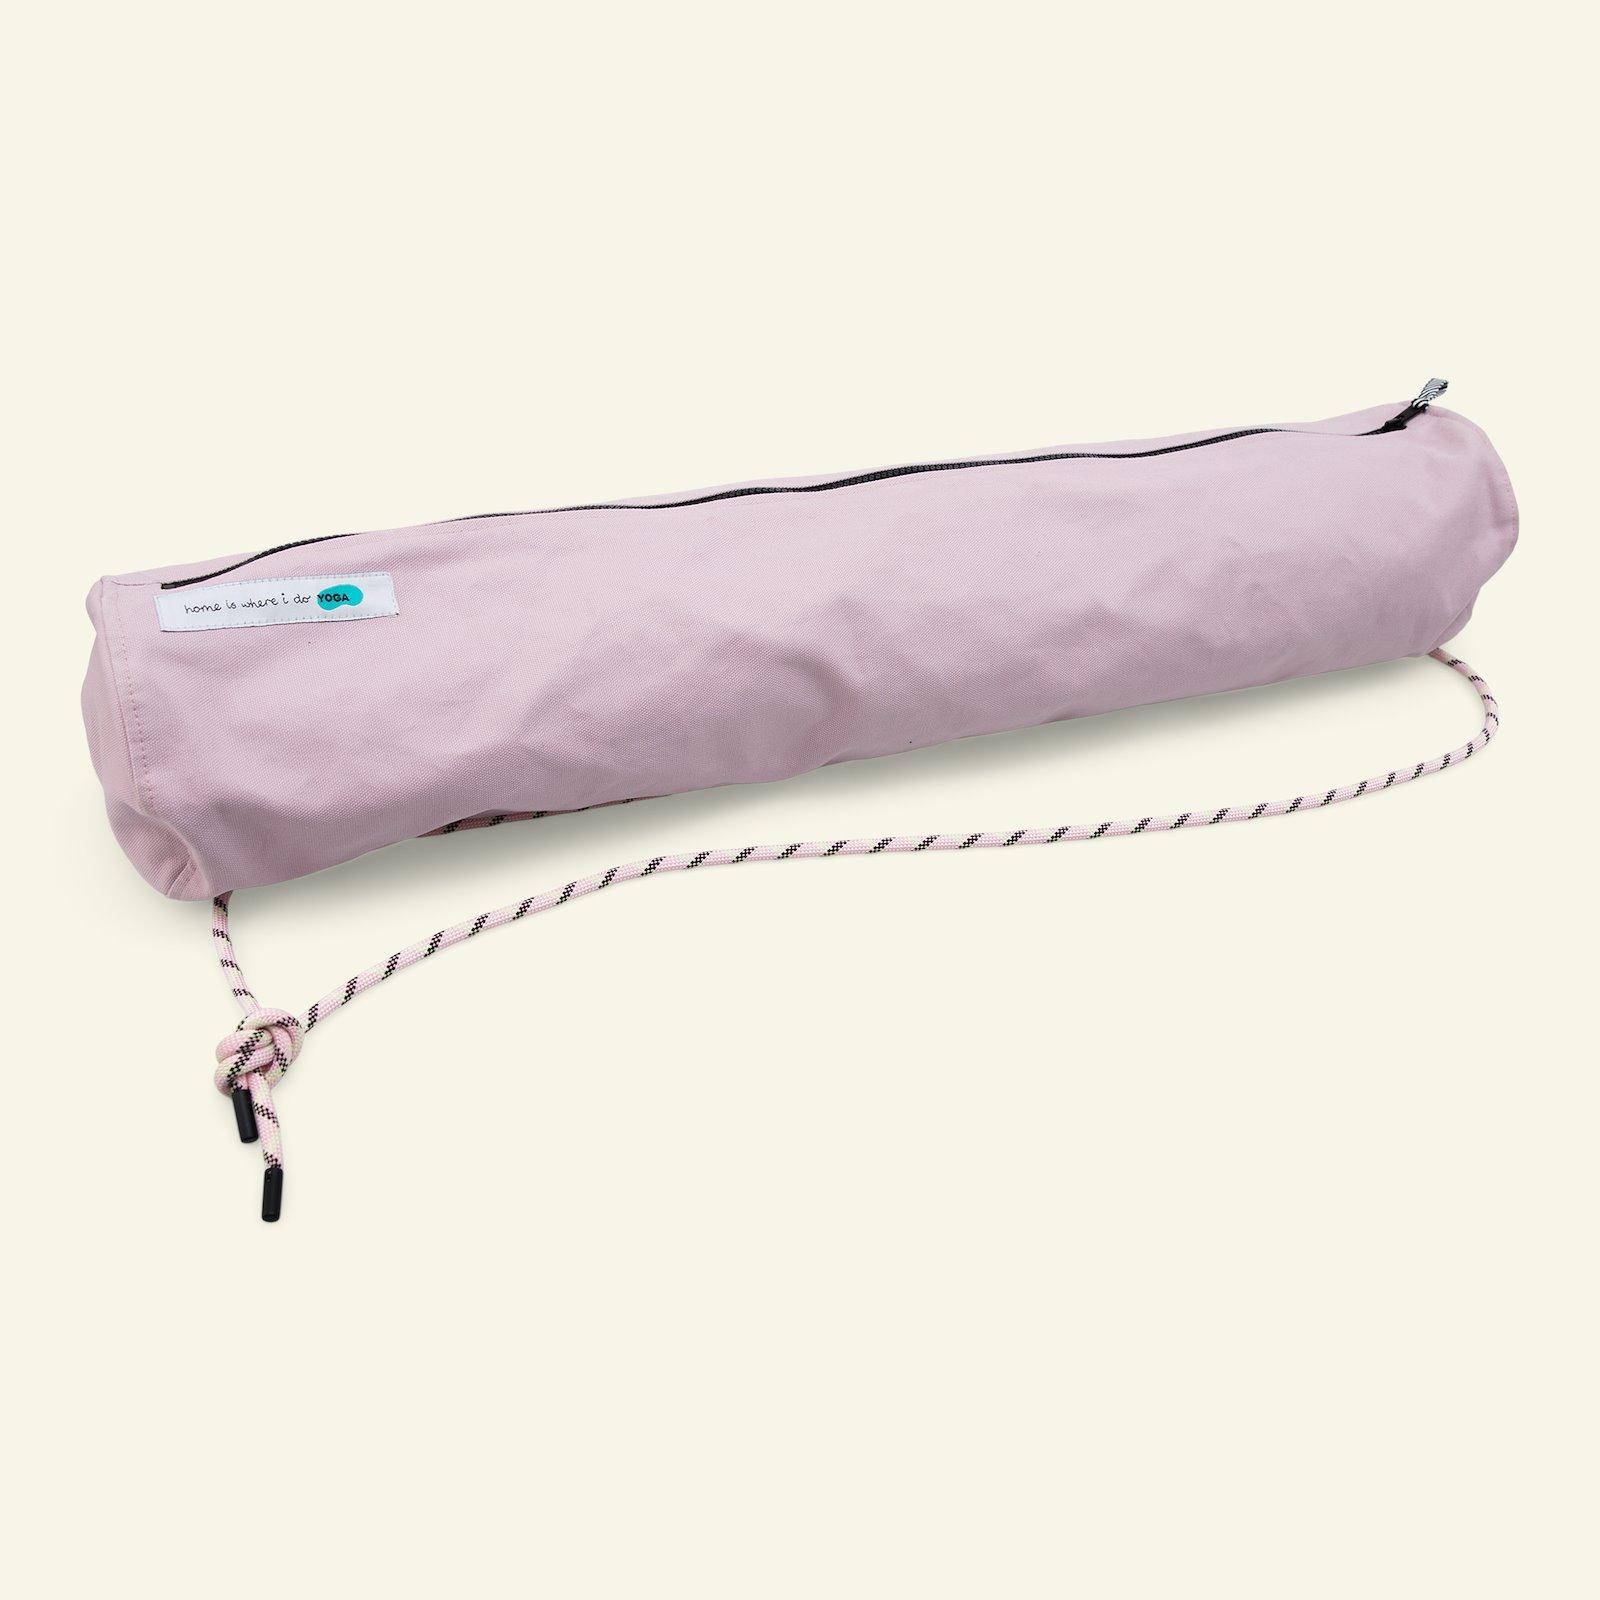 Yoga and bucket bag p90339_780481_75091_43727_26534_z50143_b_sskit